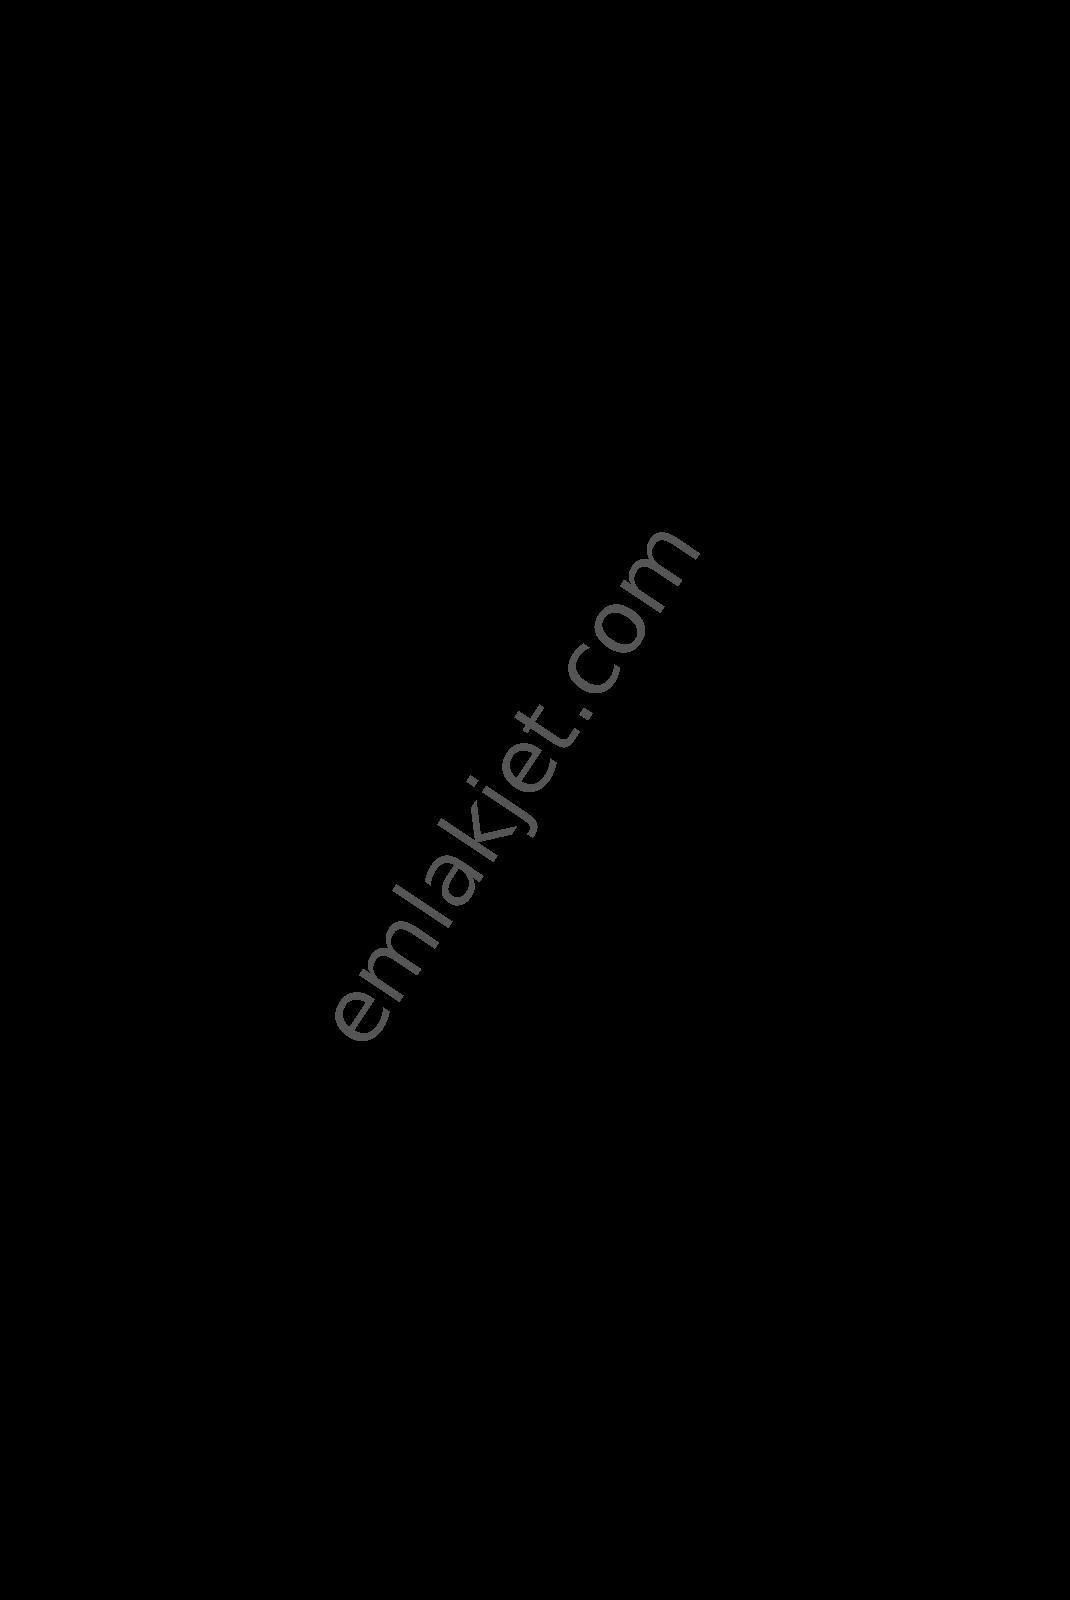 https://imaj.emlakjet.com/listing/9406389/32D7439B925BDD1392BDFF3C76F16C2F9406389.jpg